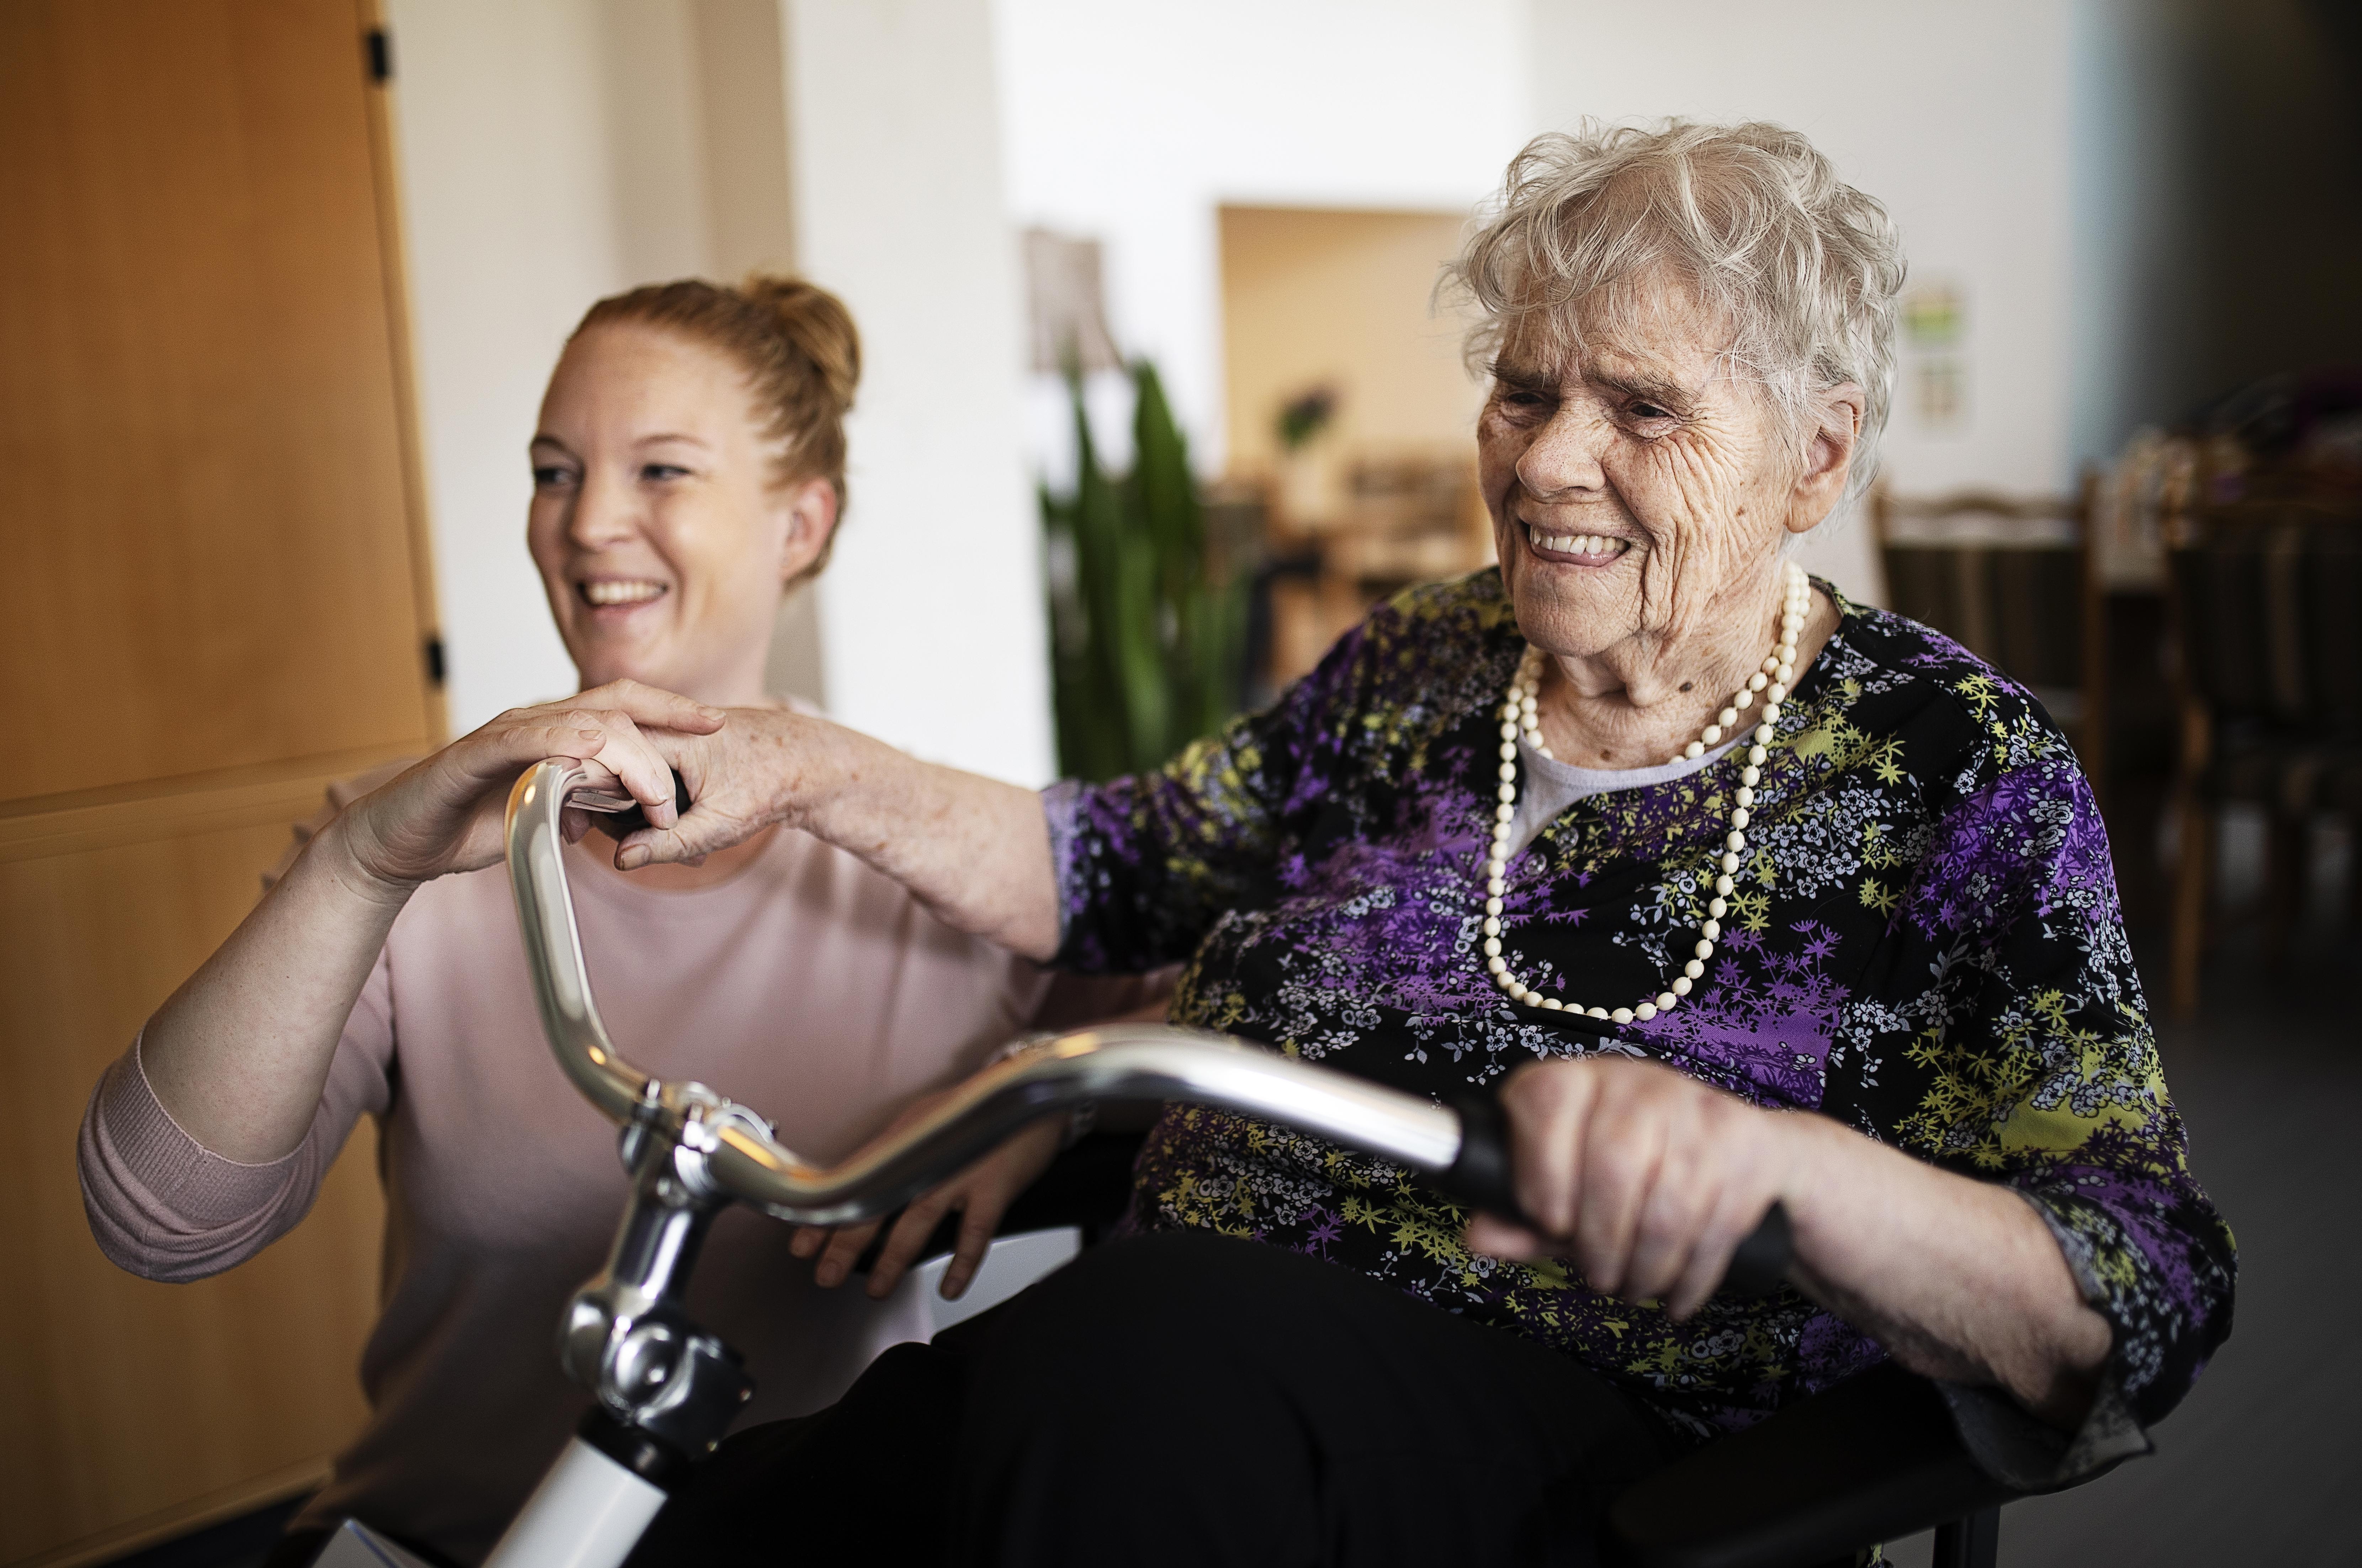 Aktivitetscyklen er en meningsfuld aktivitet for de ældre på Bo-enheden Kildebakken i Vissenbjerg. Her har ergoterapeut Anya Bæksted beboer Ellen Andersen på cyklen.